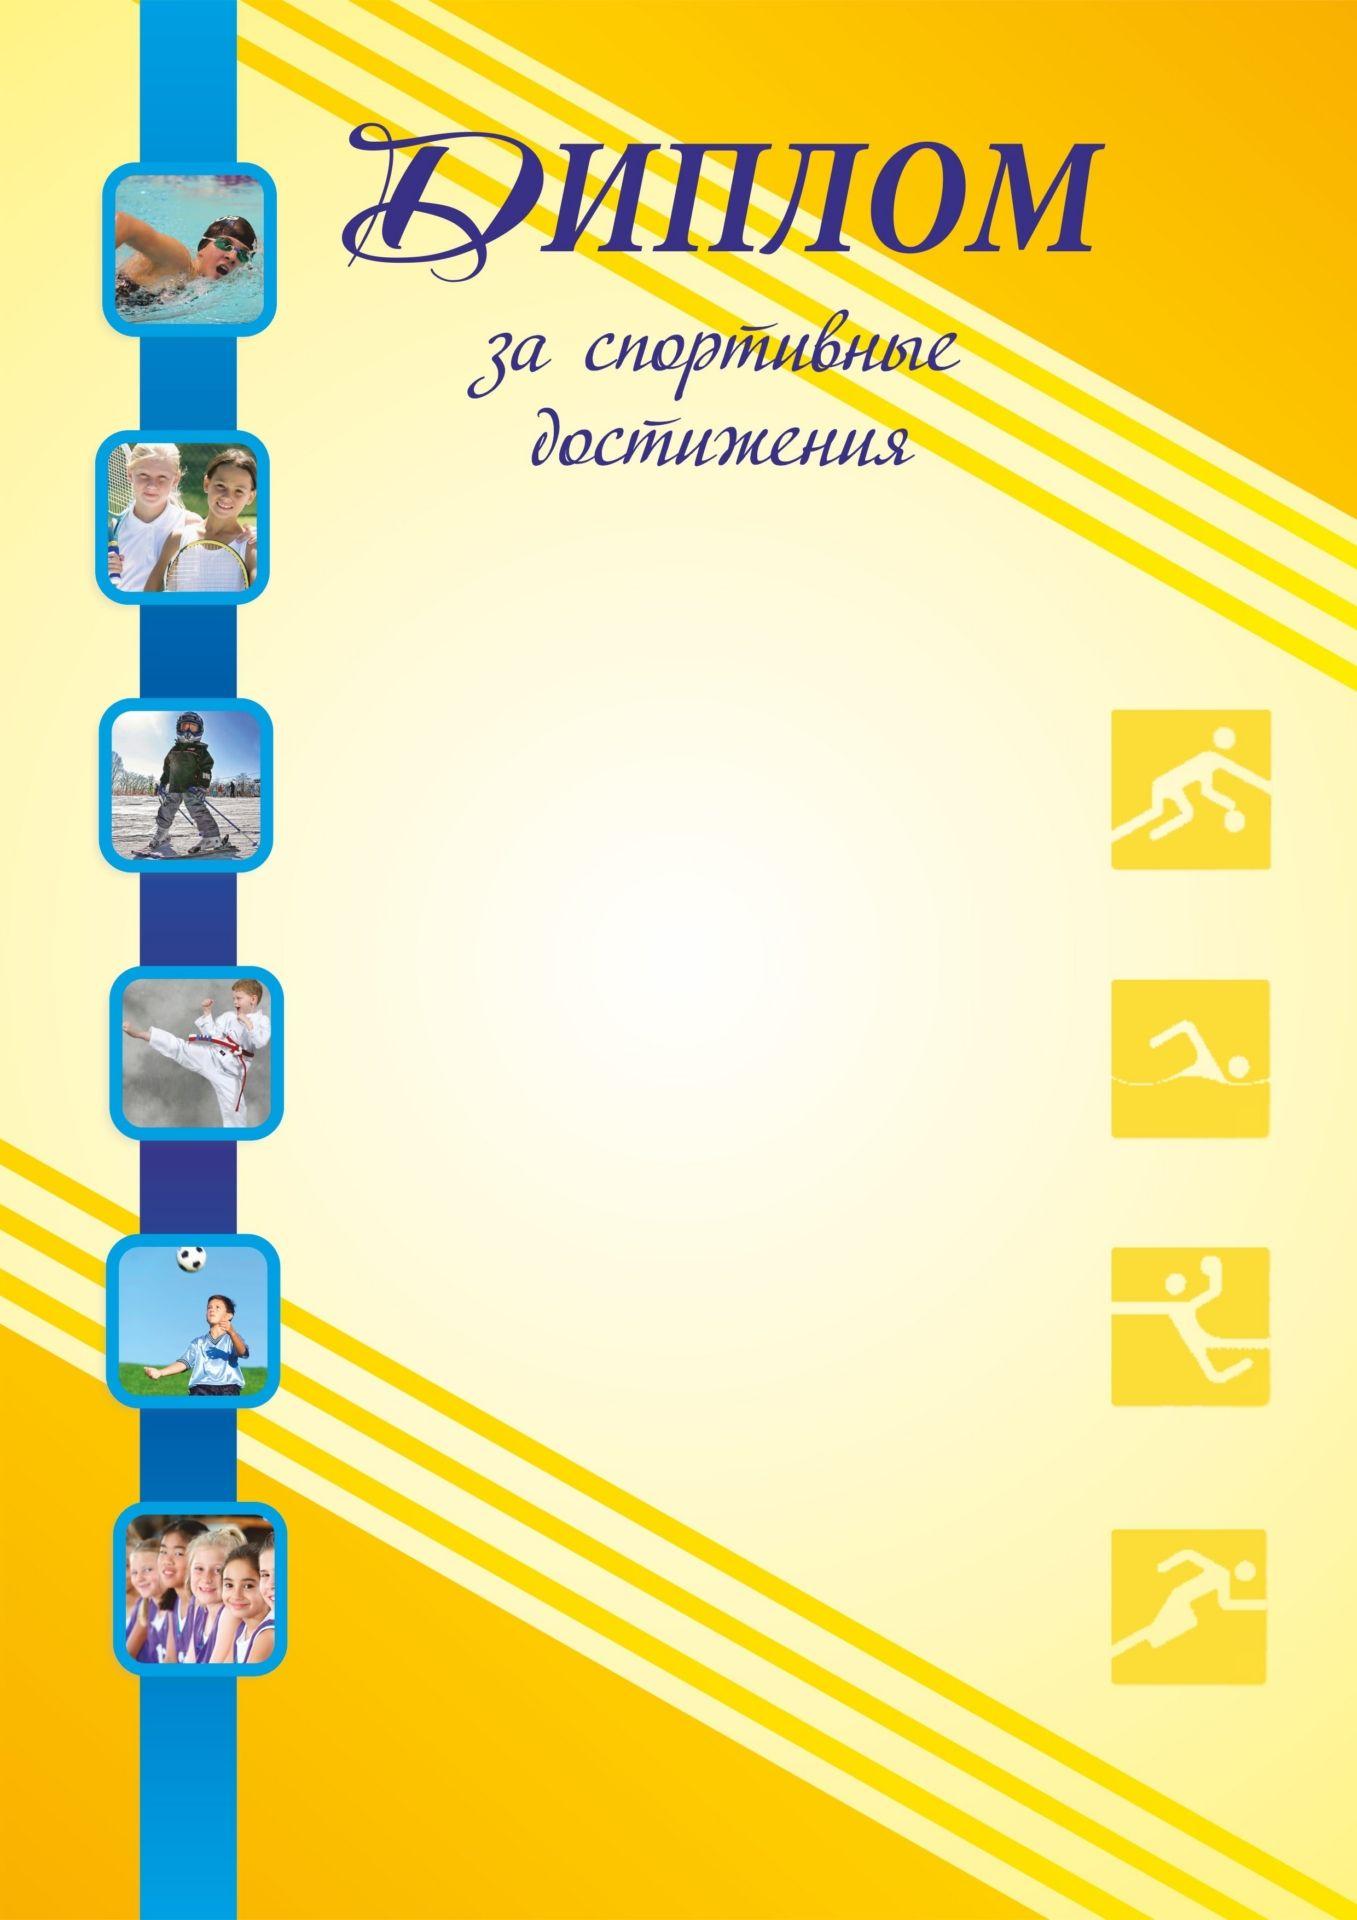 Диплом за спортивные достиженияЗа спортивные достижения<br>Материалы:на обложку - бумага мелованная, пл. 250.00.<br><br>Год: 2017<br>Высота: 297<br>Ширина: 210